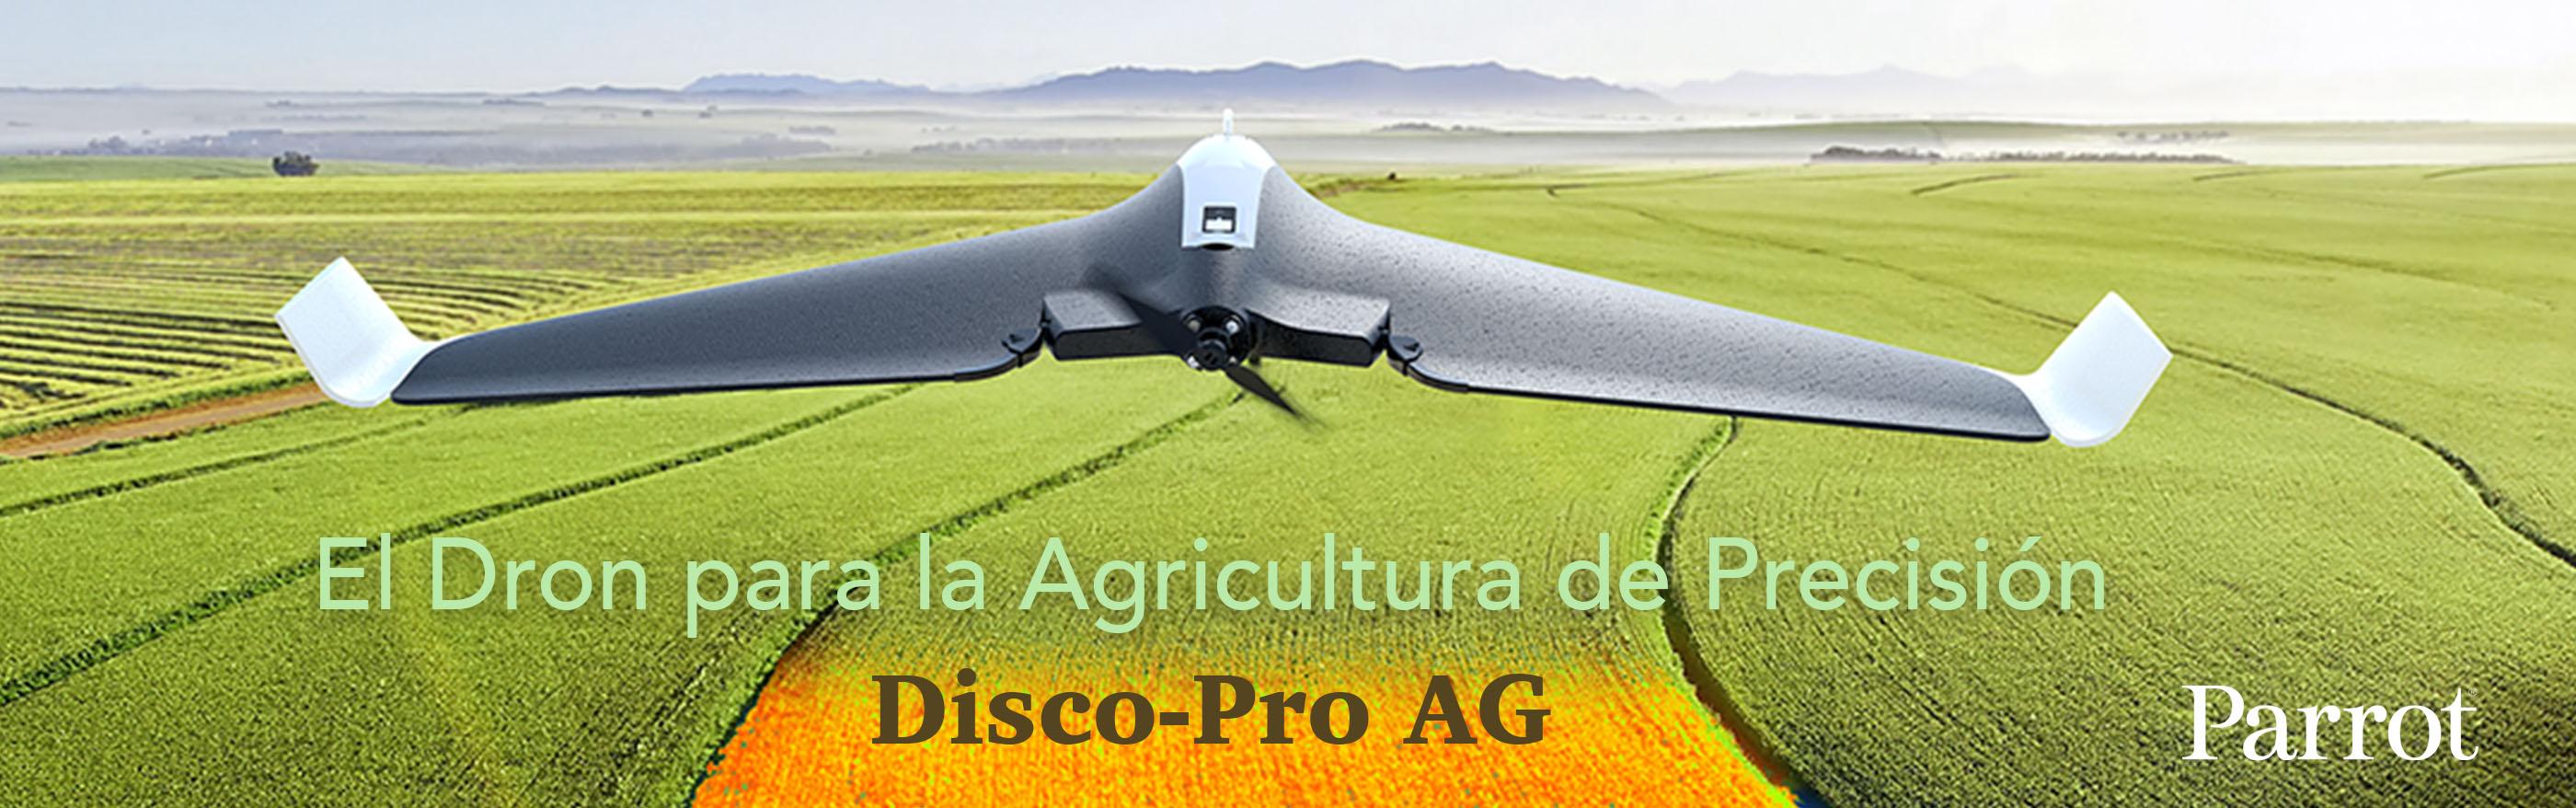 Parrot Disco-R AG el Dron para la agricultura de Precisión